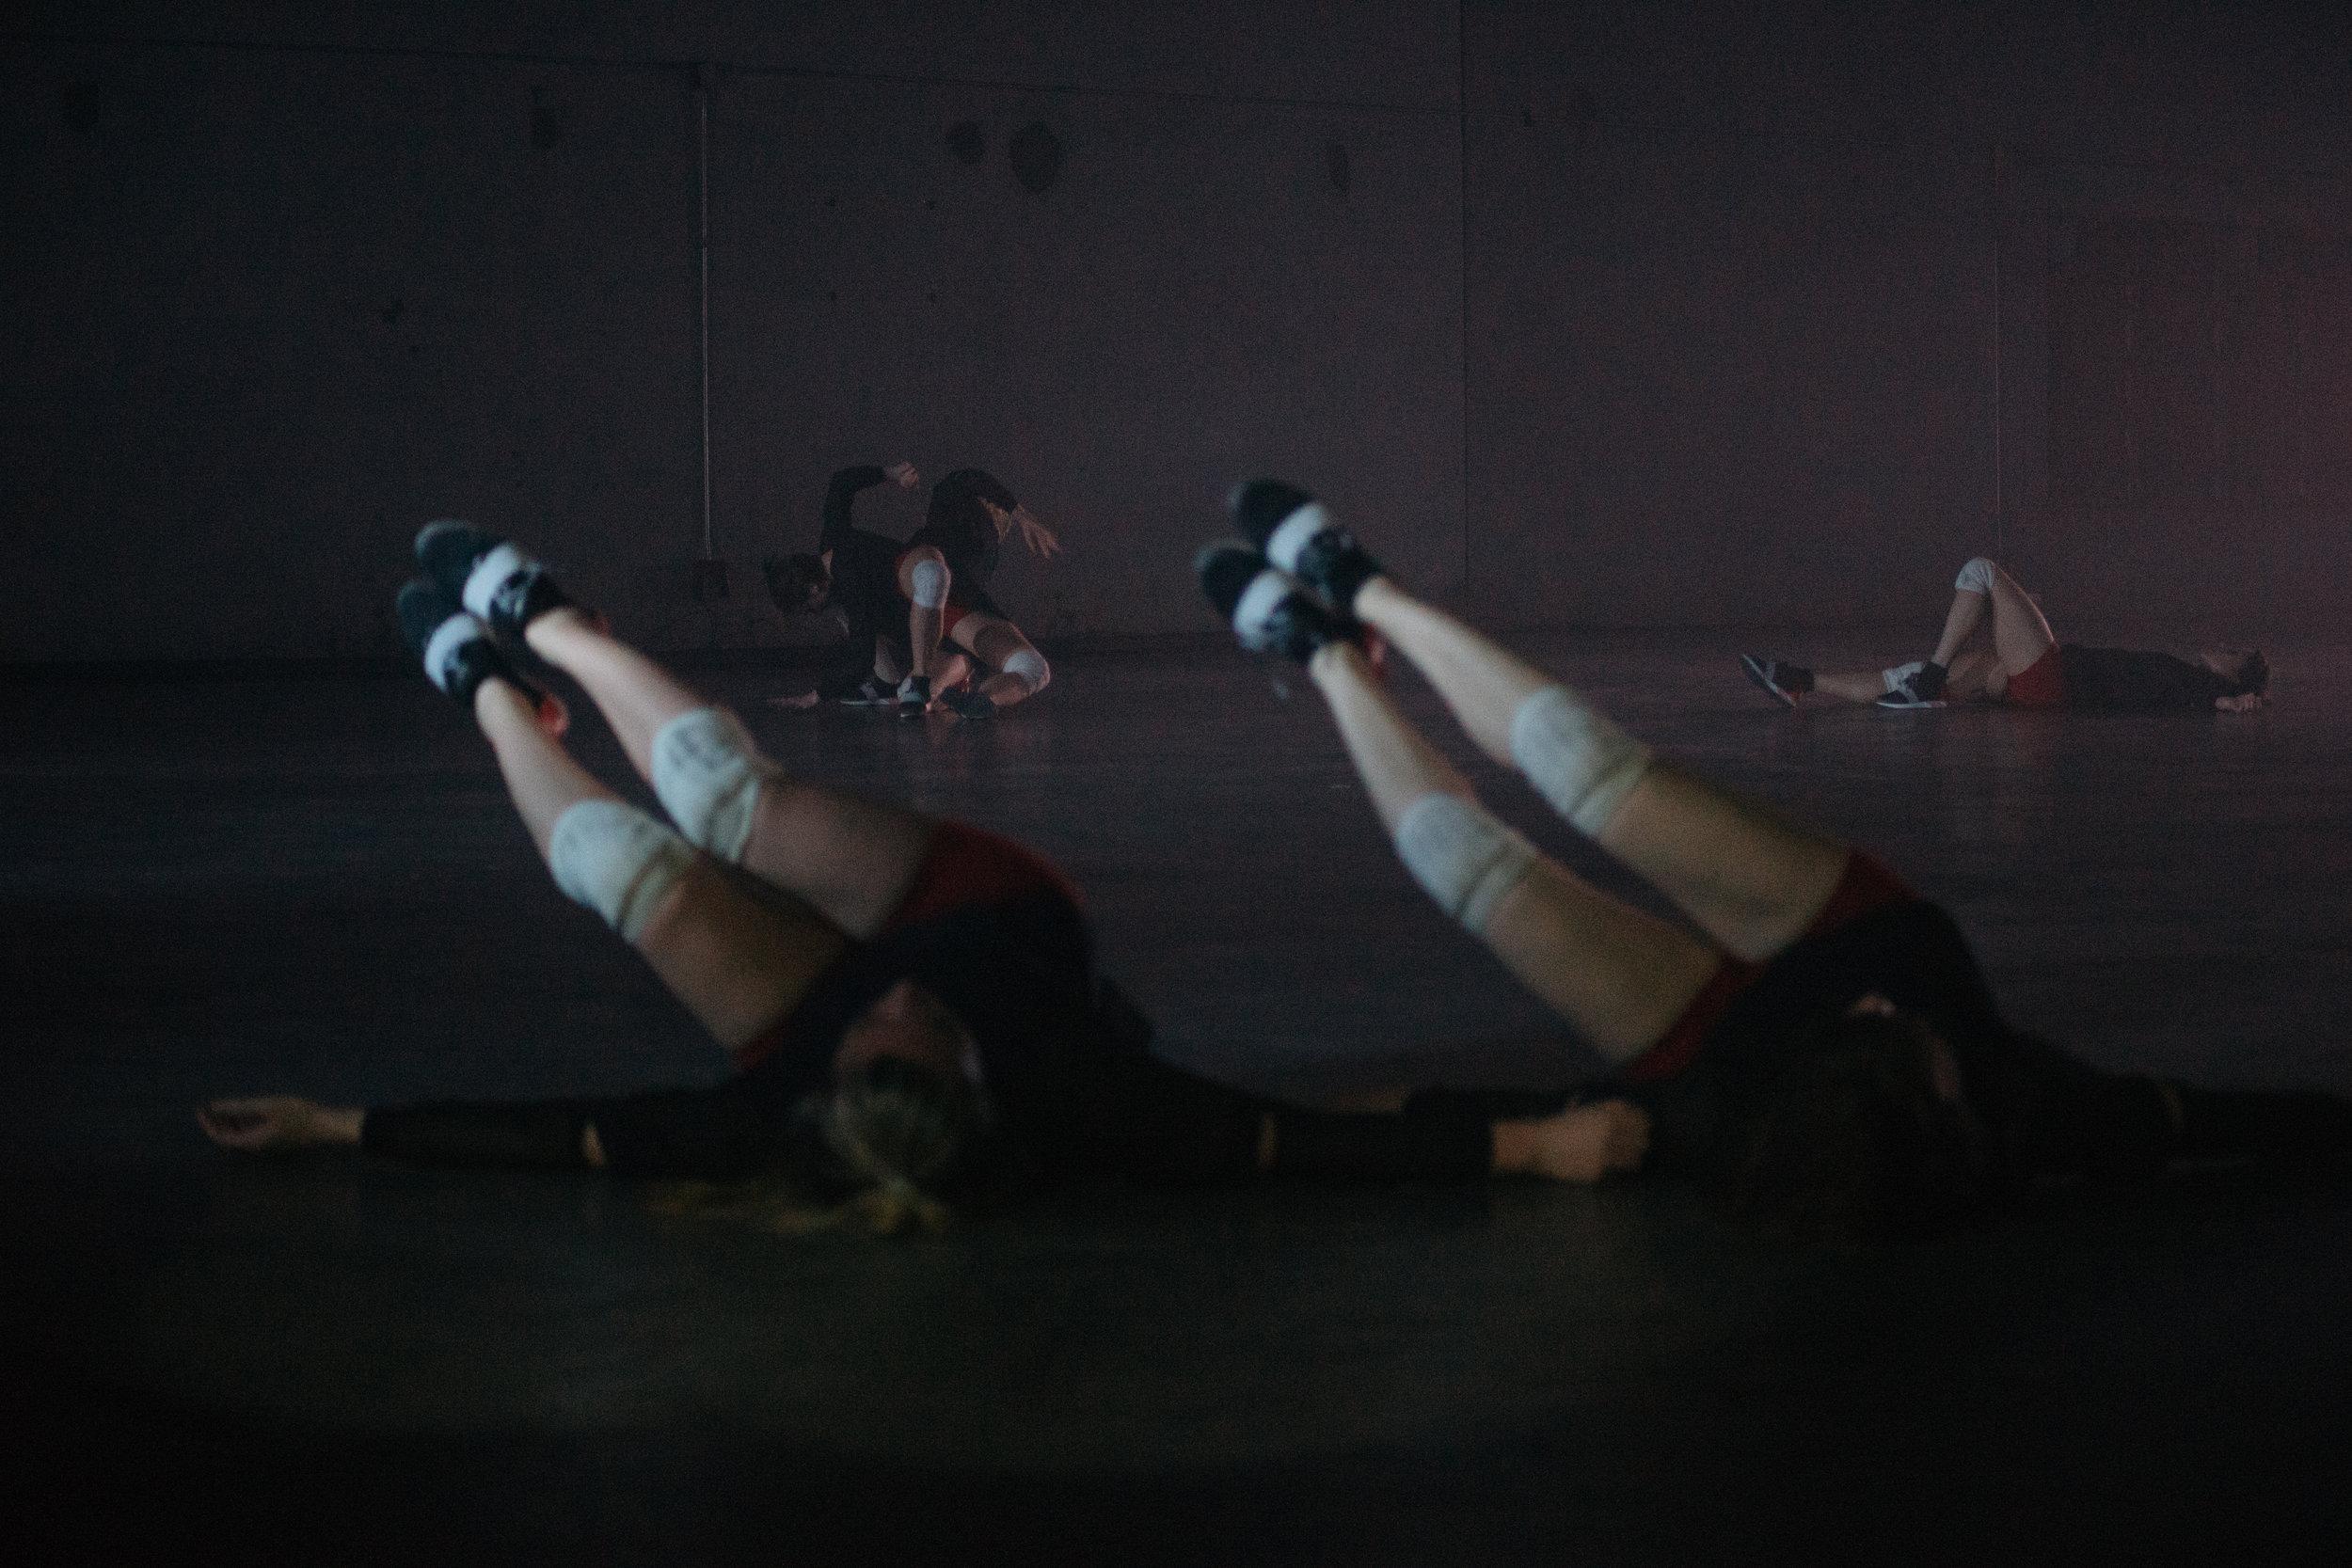 Dancers: Alex Miller, Taryn Lavery, Katie Hopkins, Katie Gunderson, Hailley Lauren